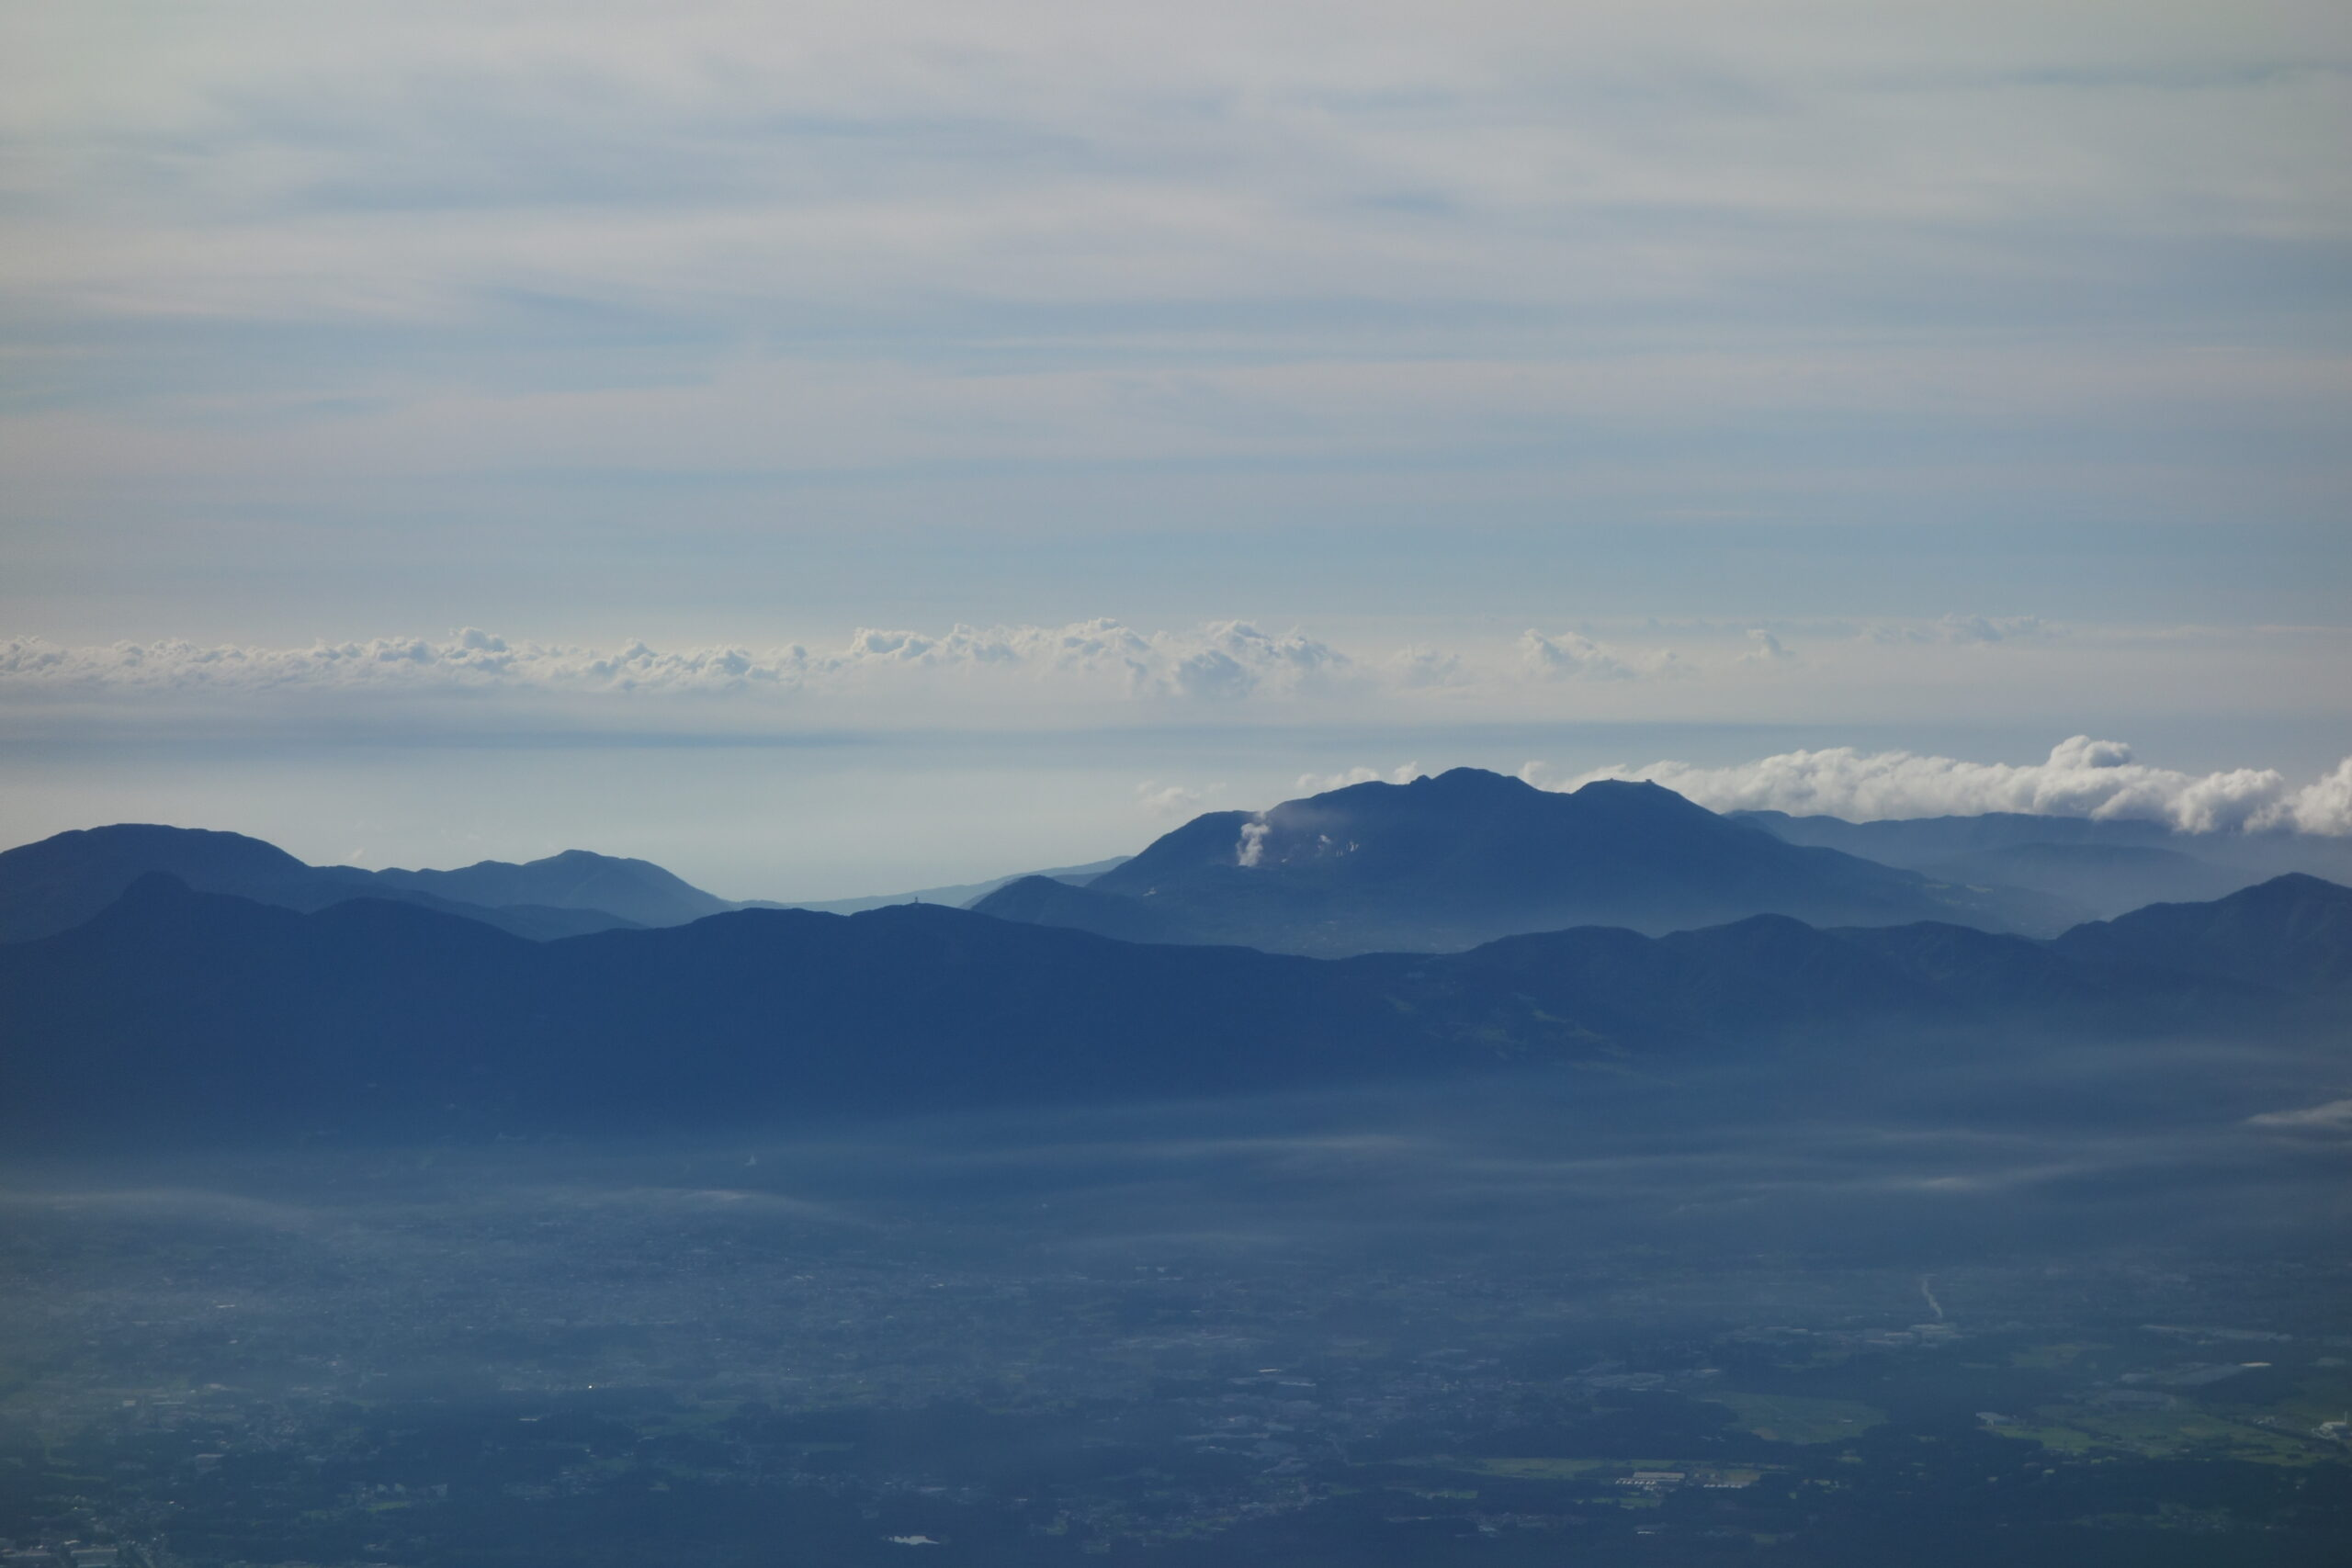 富士山 御殿場登山口五合目〜富士山 山頂